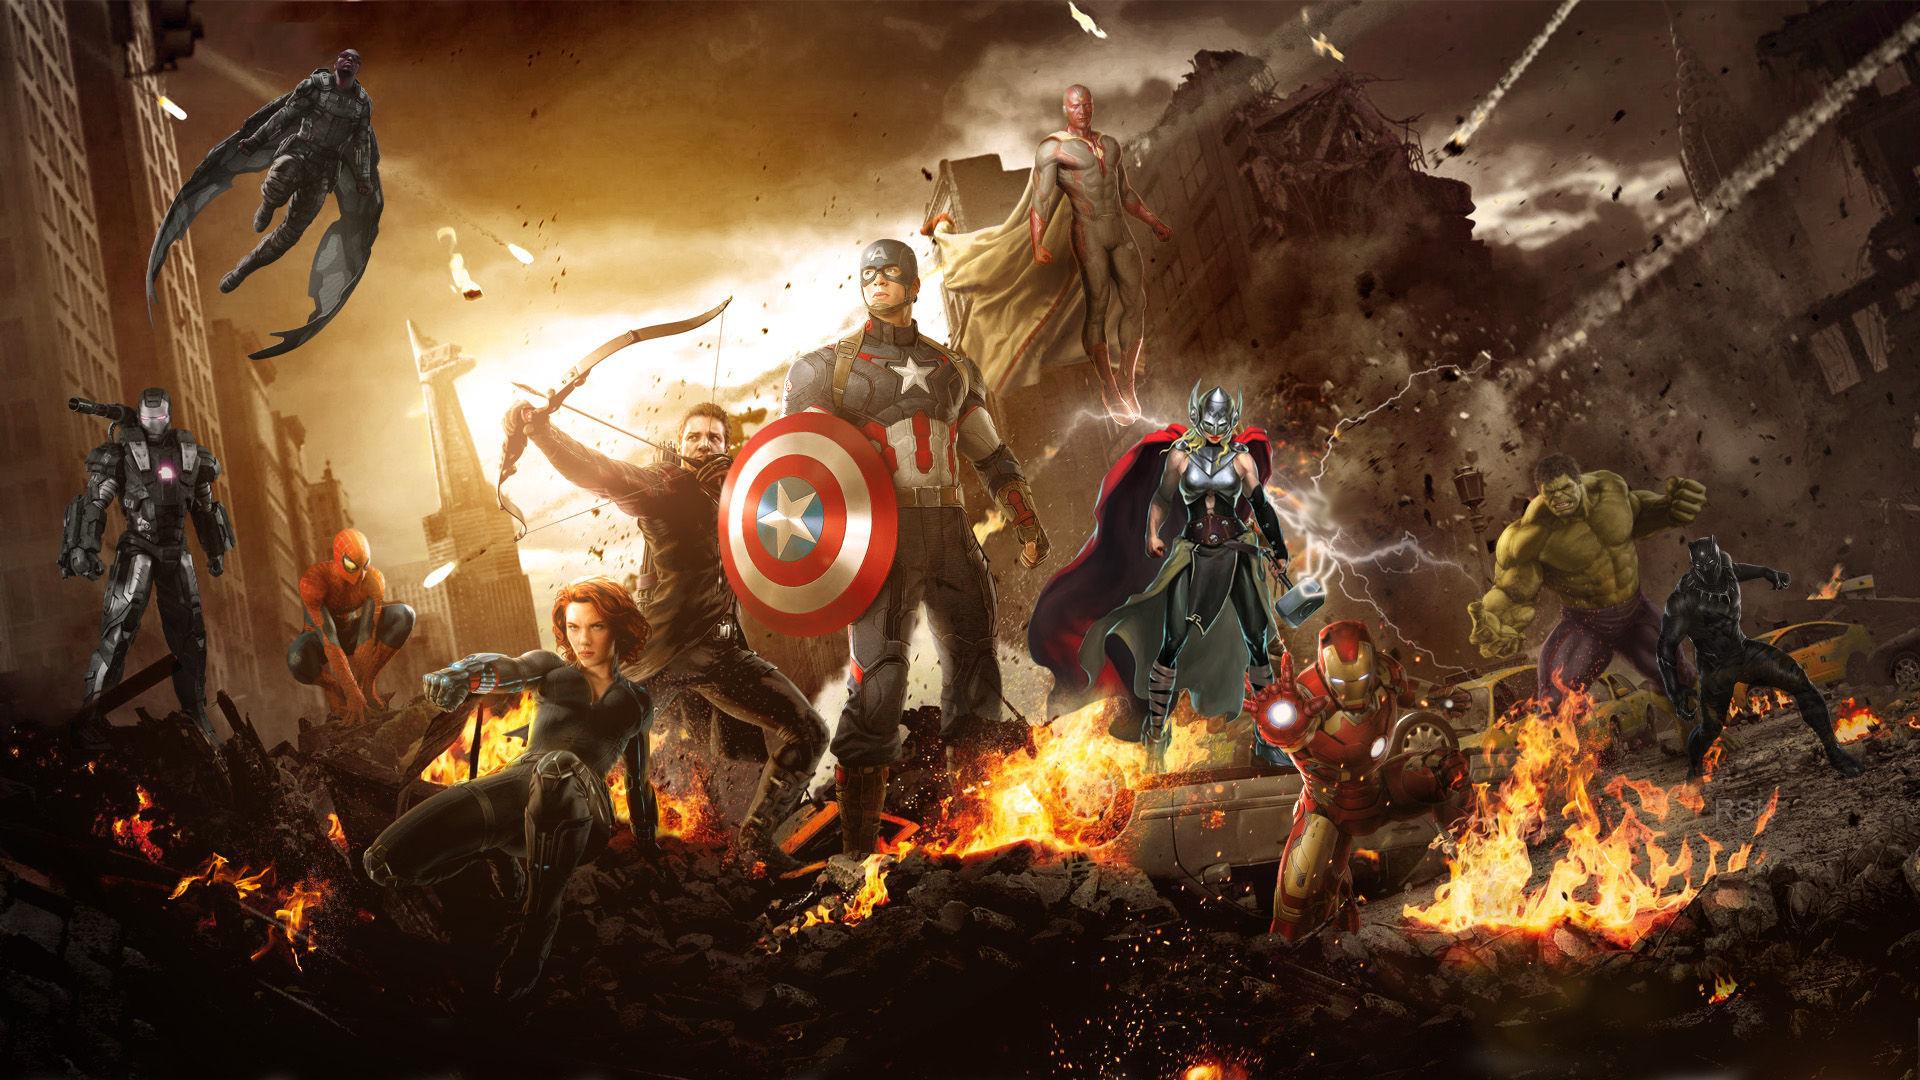 Captain_America_Civil_War_5. captain_america_civil_war__team_iron_man